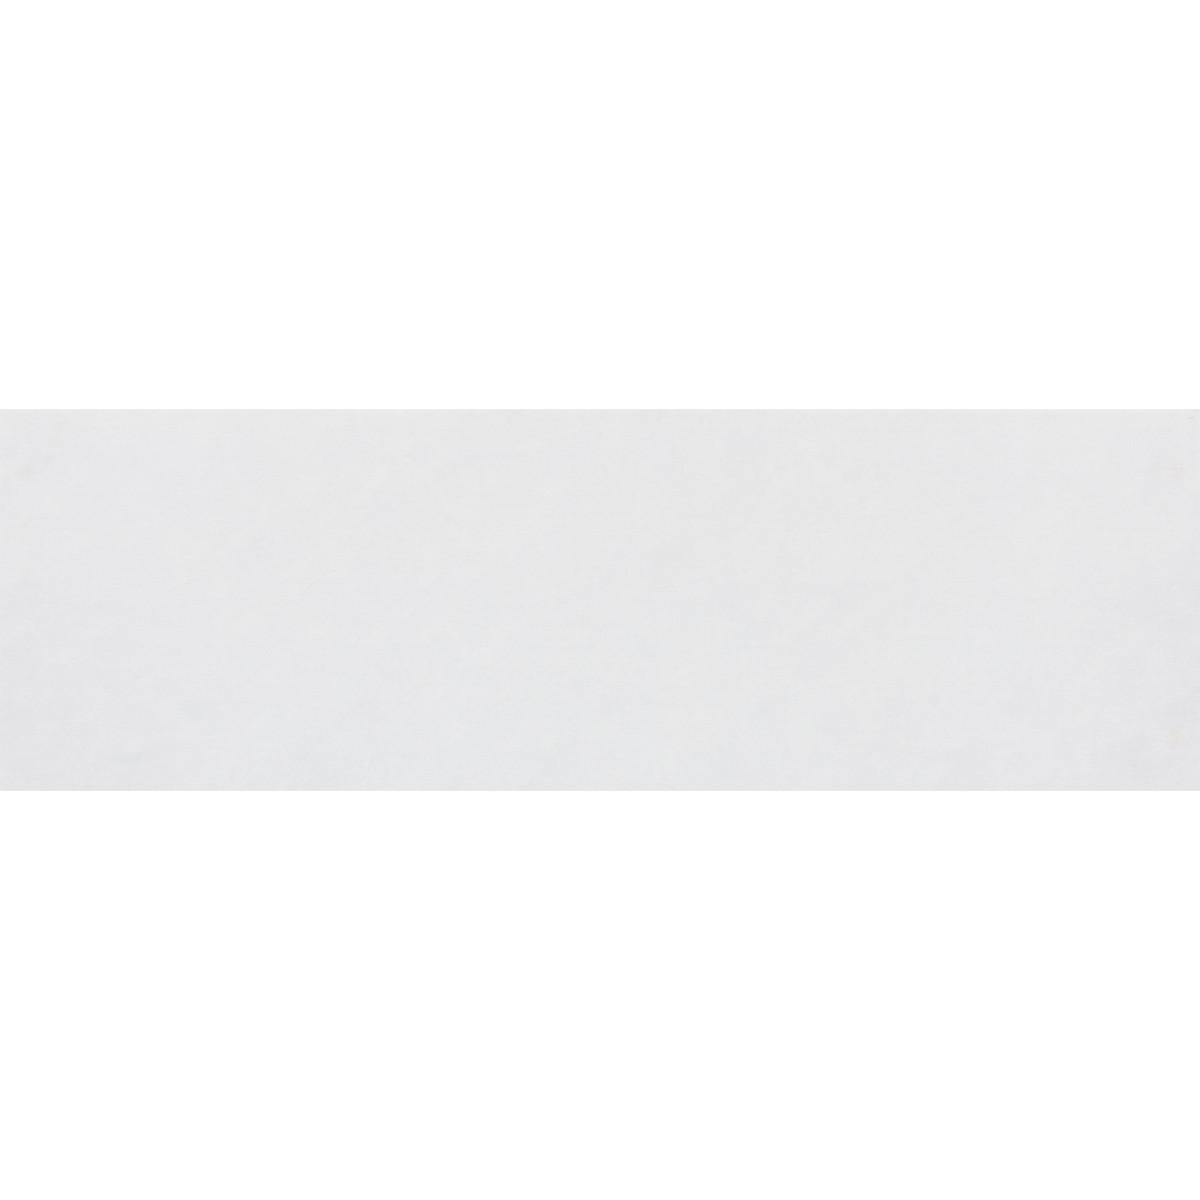 Плитка настенная Орлеан 7 75x25 см 1.69 м² цвет белый